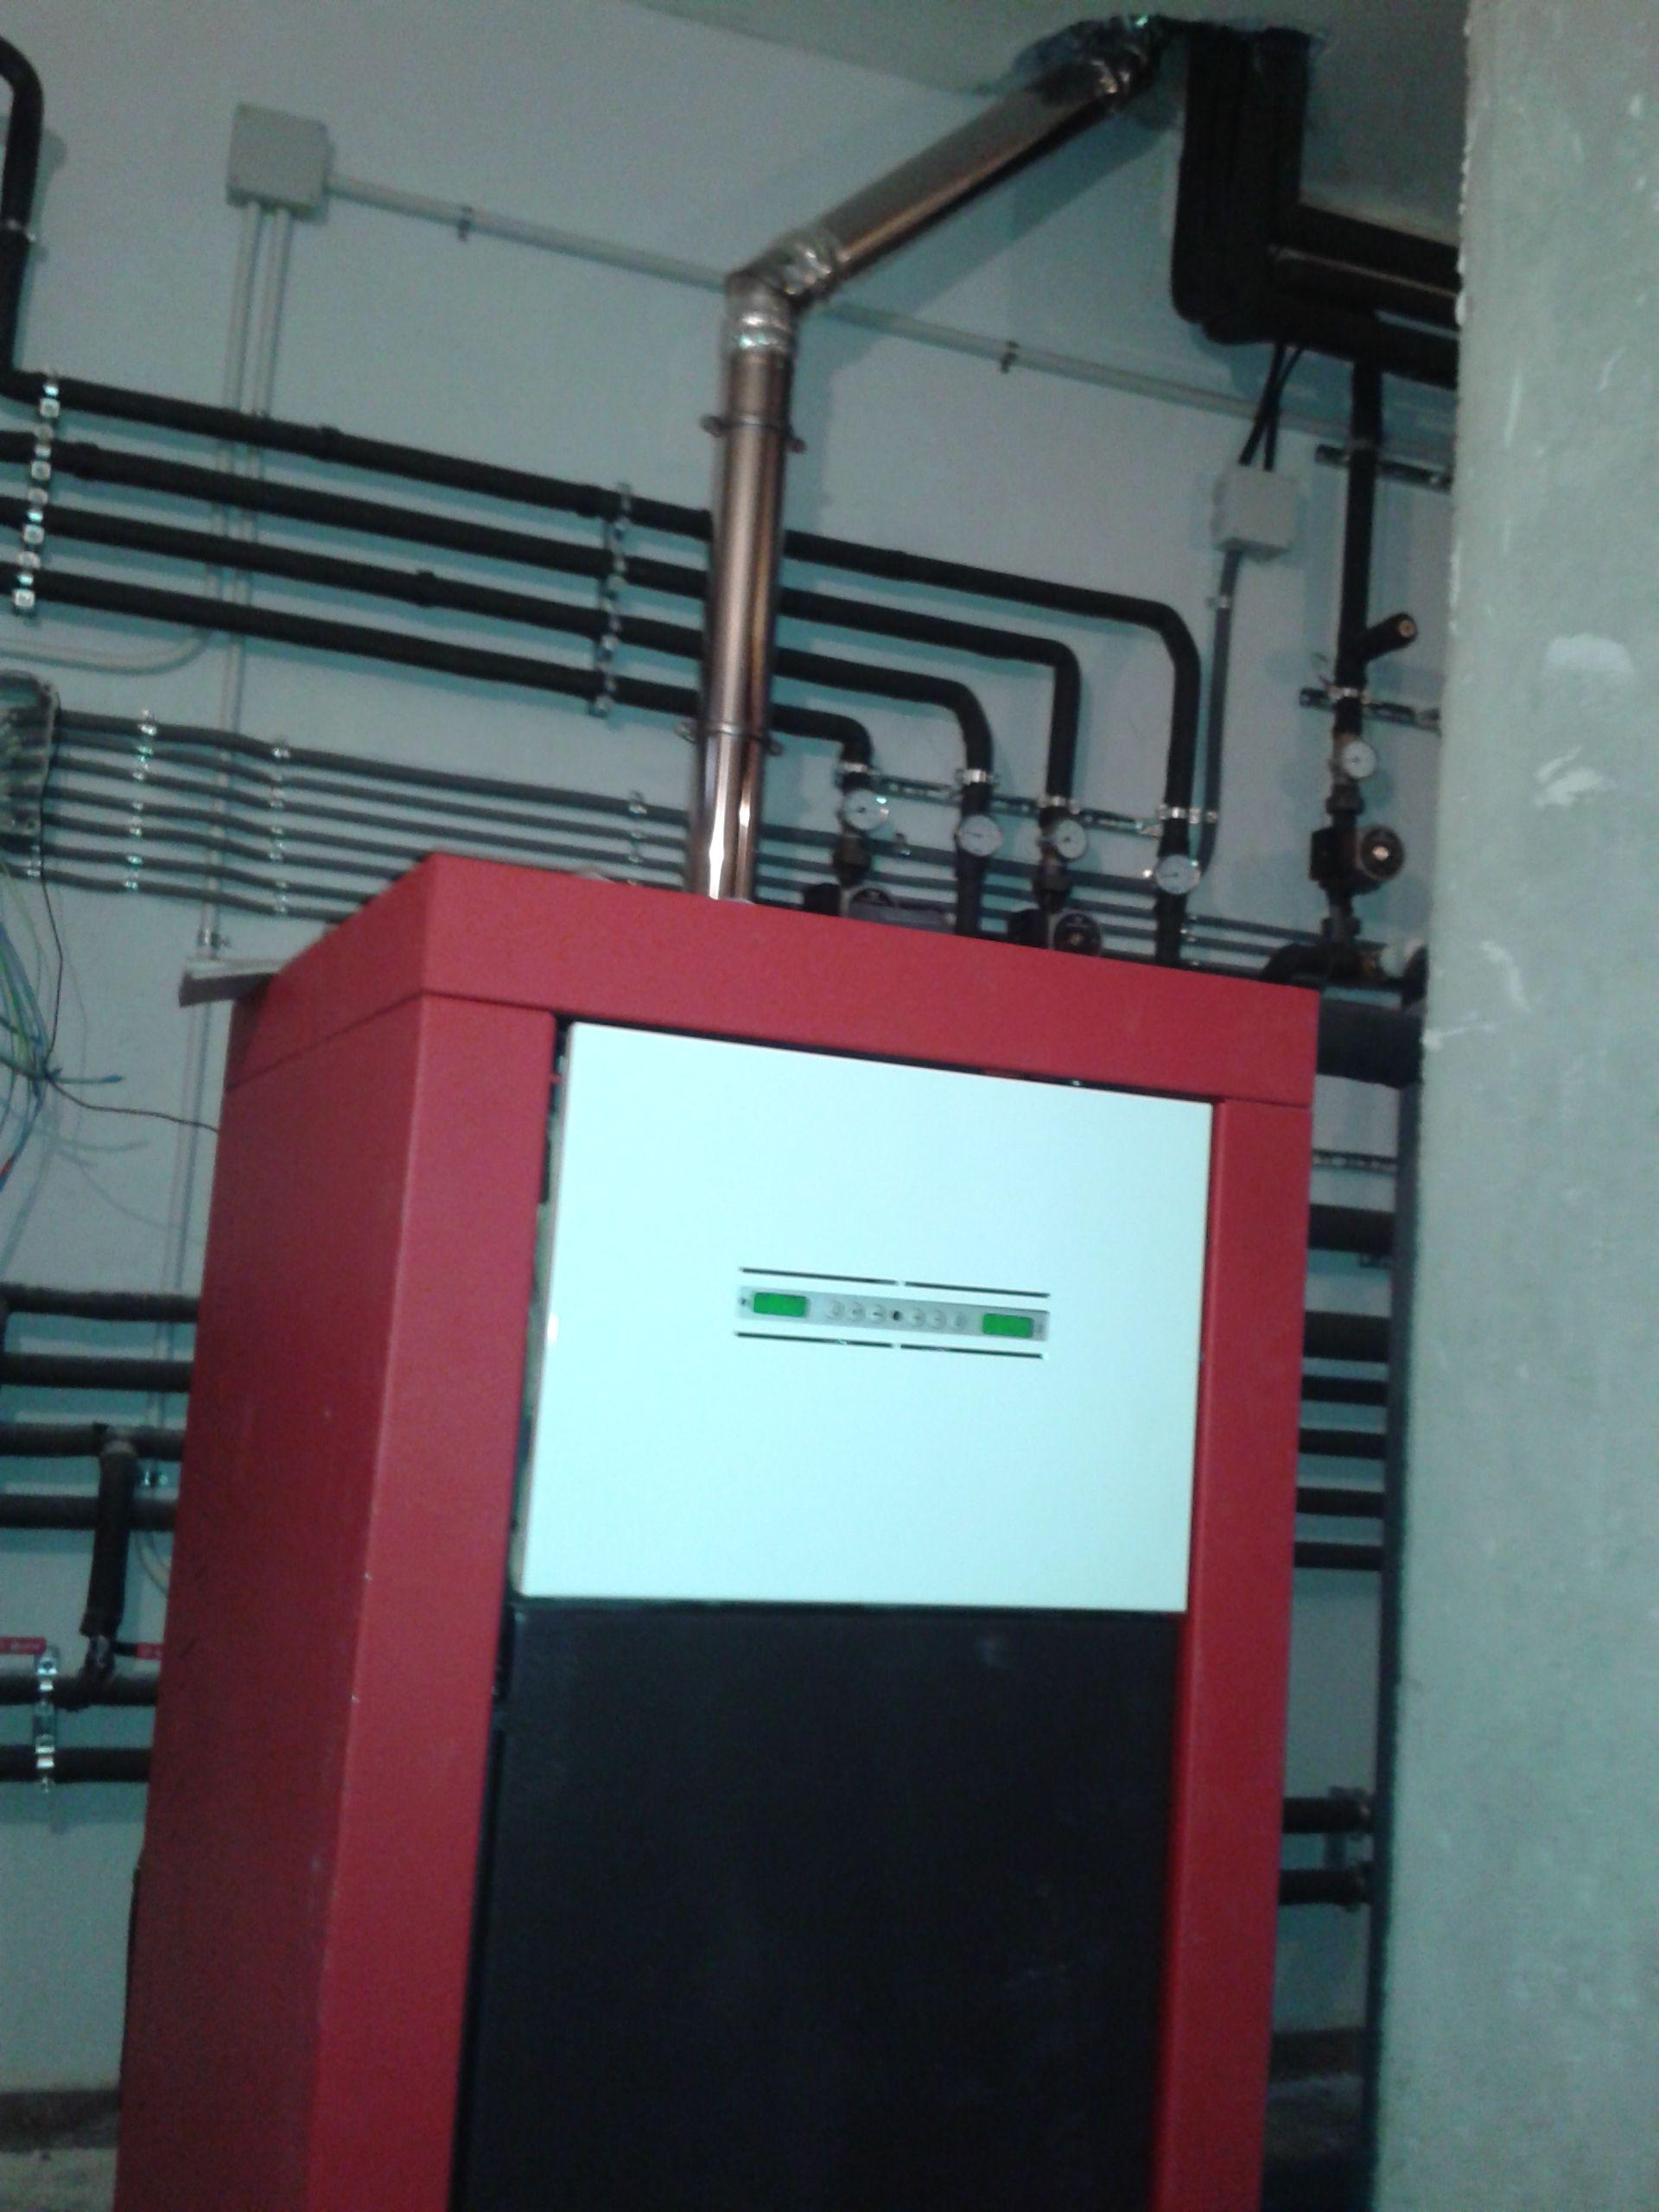 Caldera de pellet edilkamin basic para radiadores y agua for Caldera de pellets para radiadores